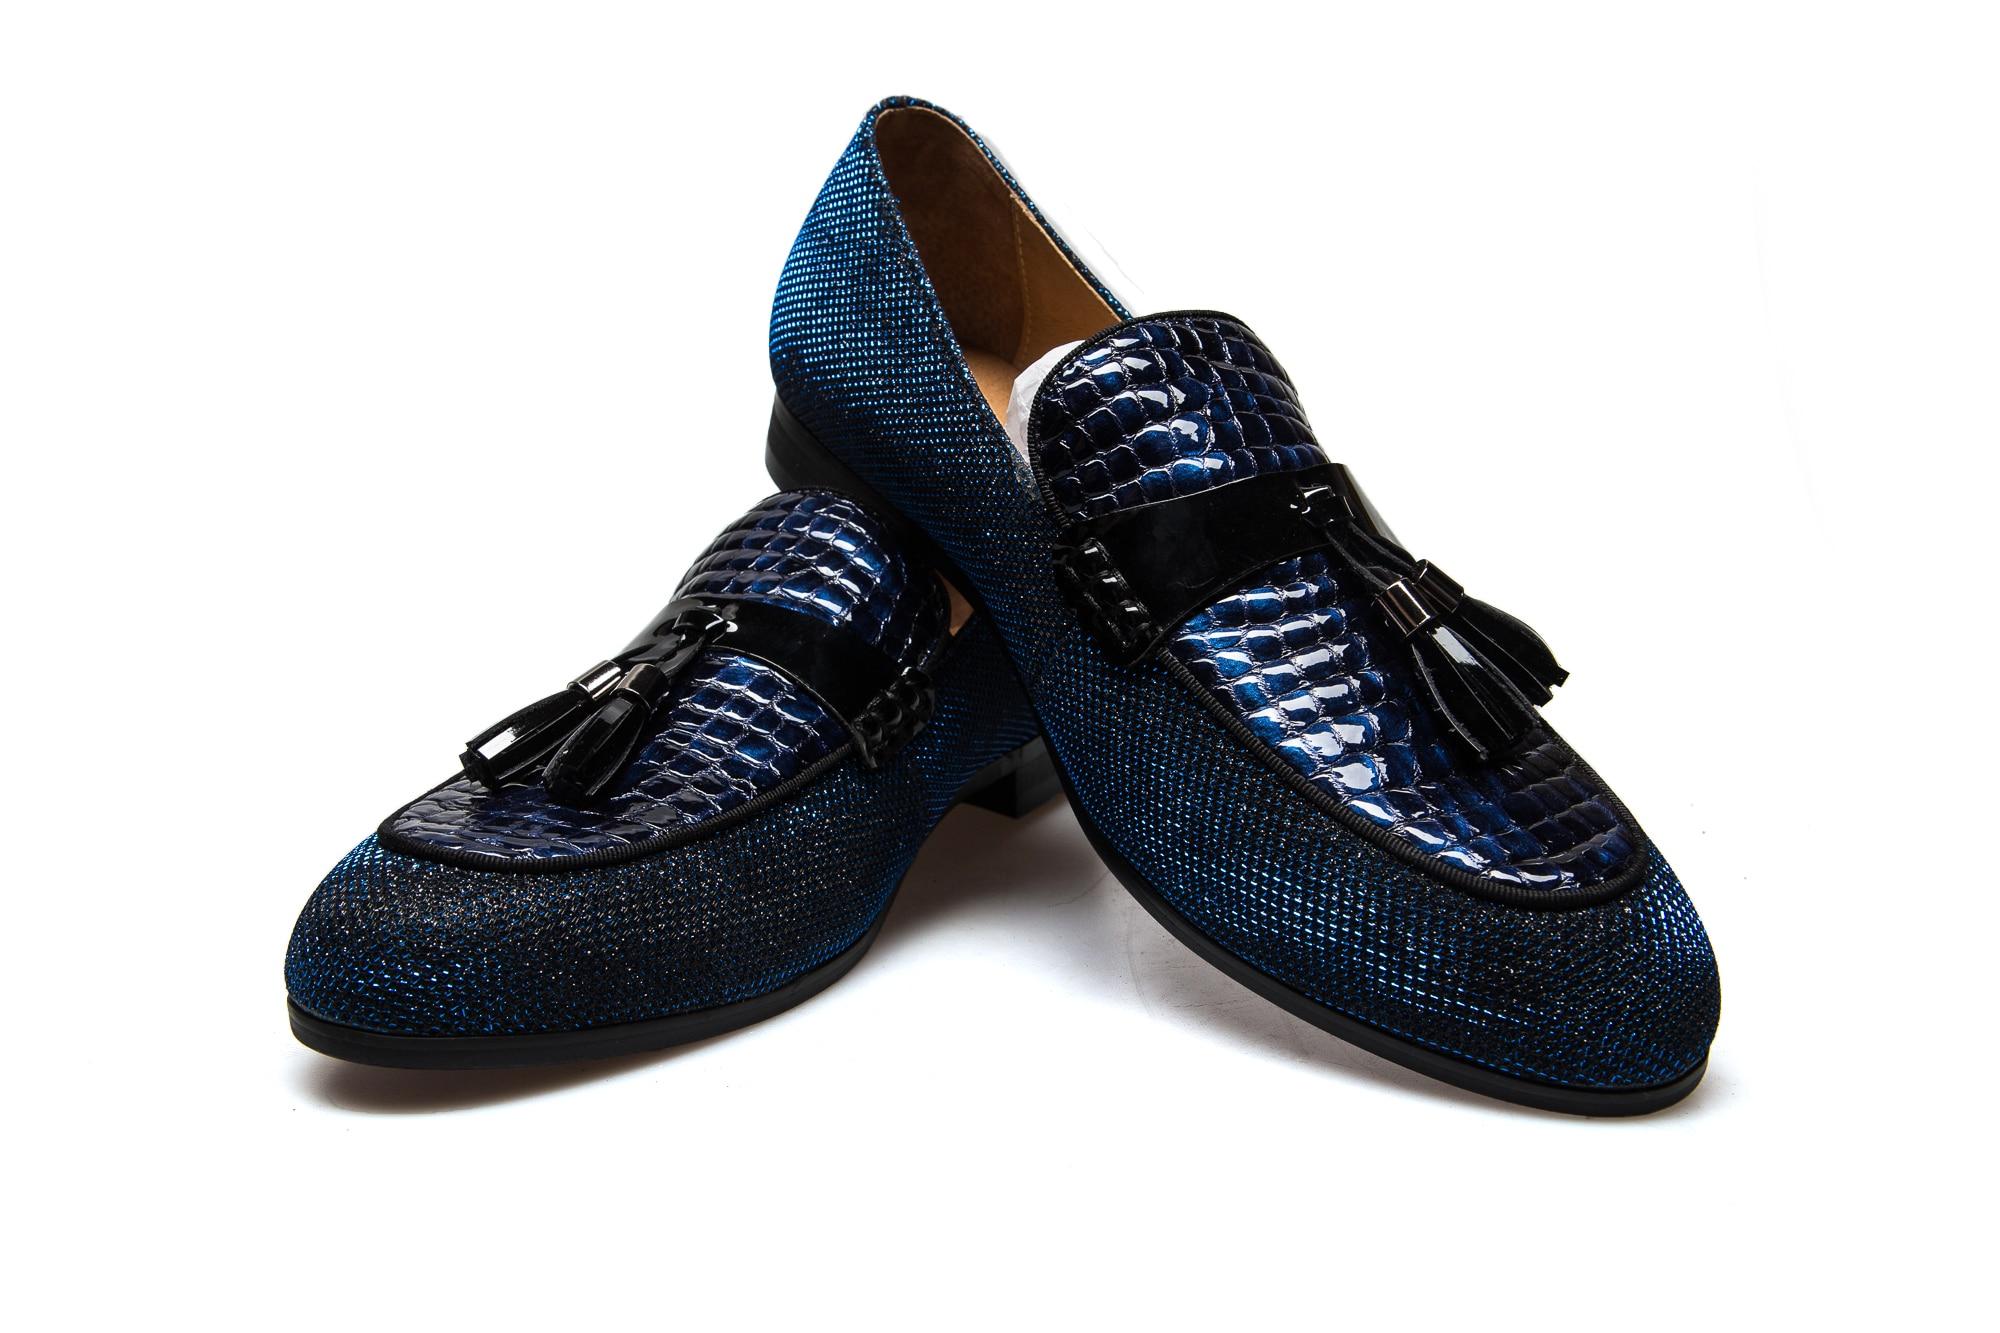 Homens Festa De azul vermelho Preto Com Masculinos Couro Da on Moda Vermelho Sapatos Preto Meijiana Mocassins Slip Respirável xRzSvnw